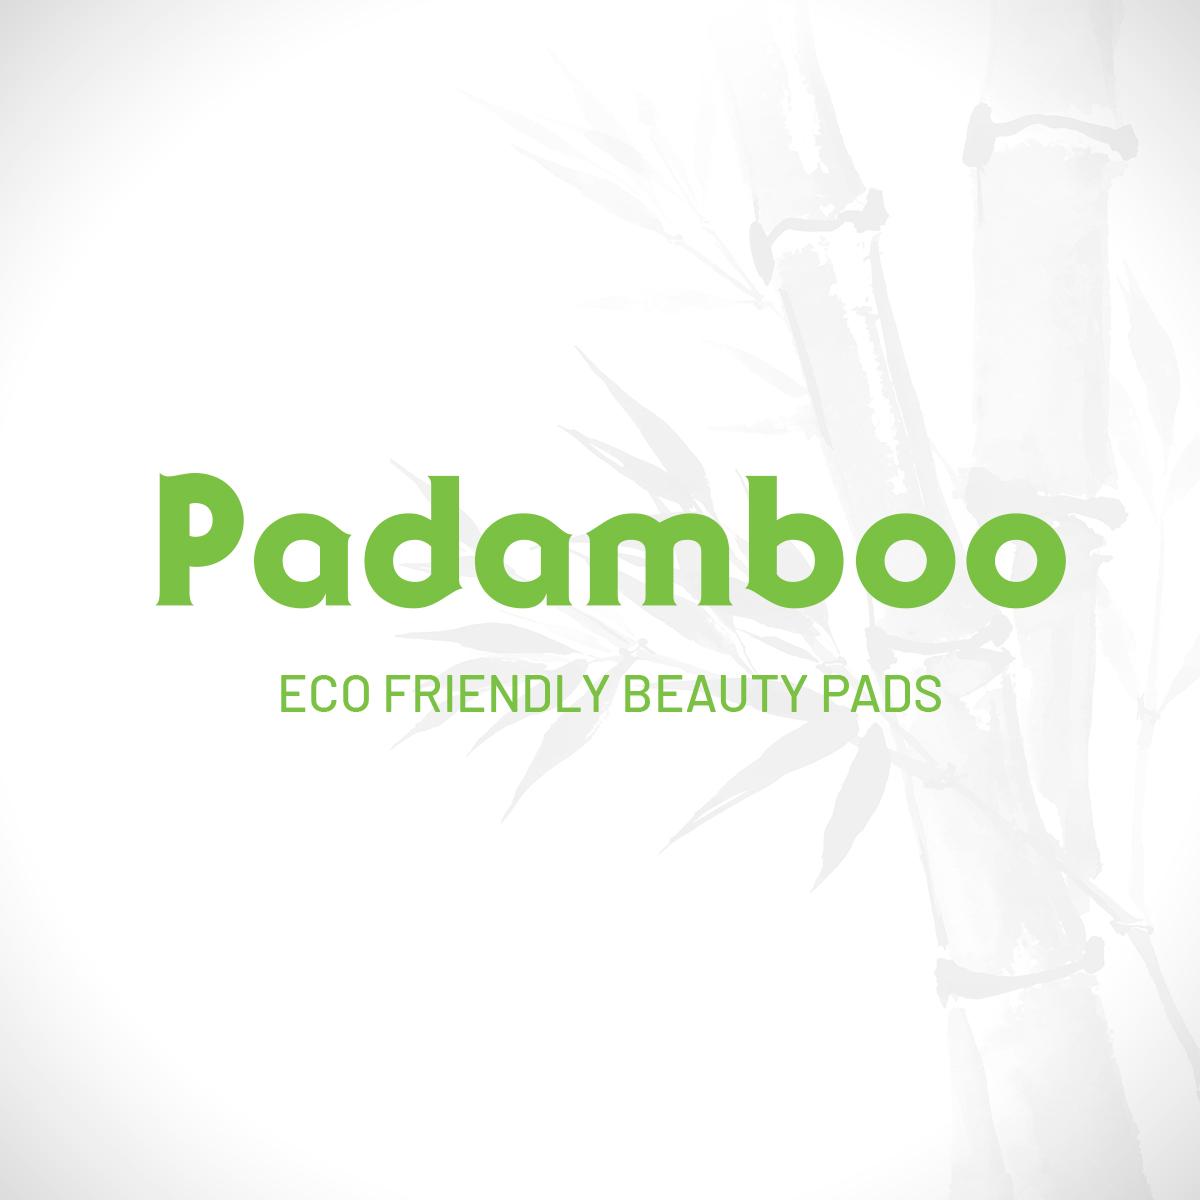 Padamboo